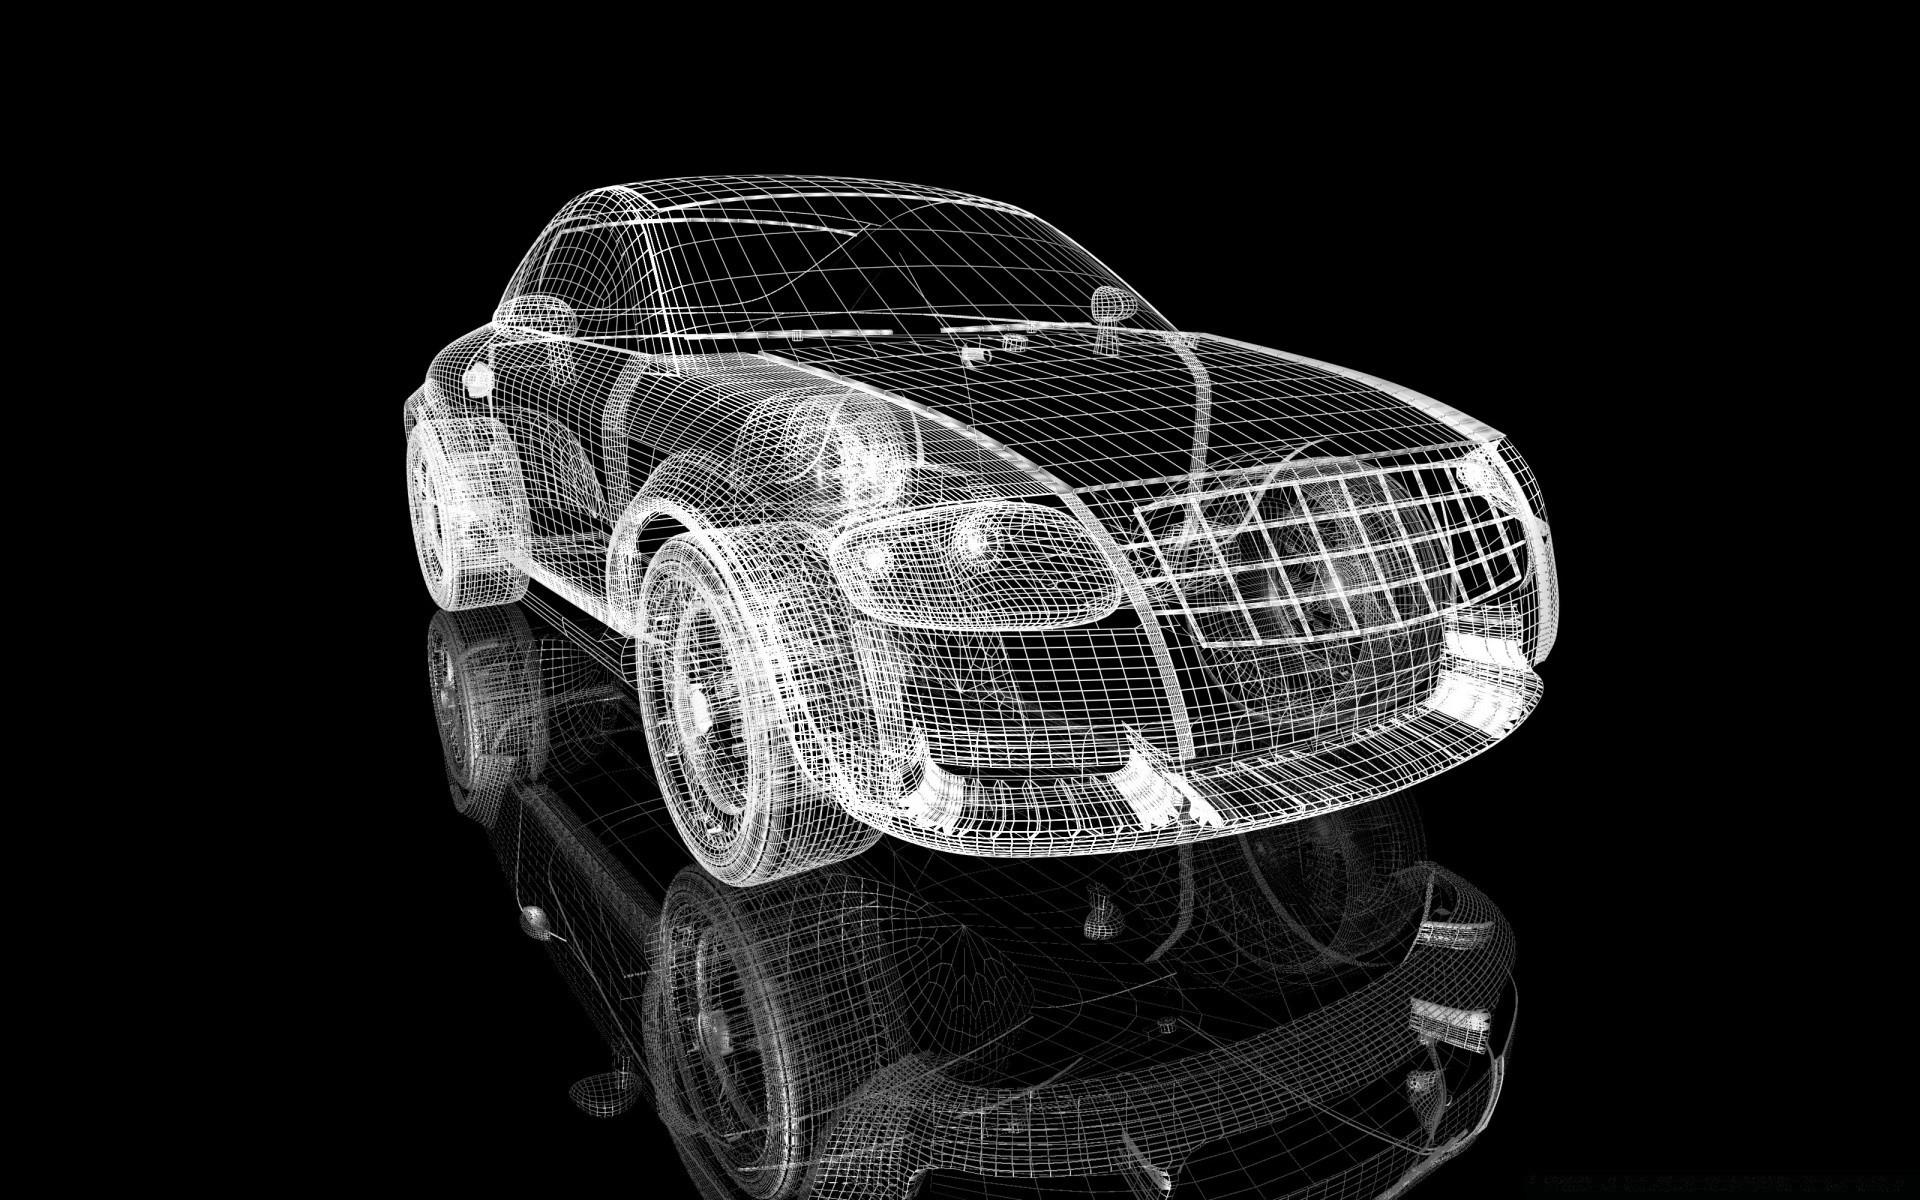 Помощь дизайнерам и архитекторам в создании 3D моделей